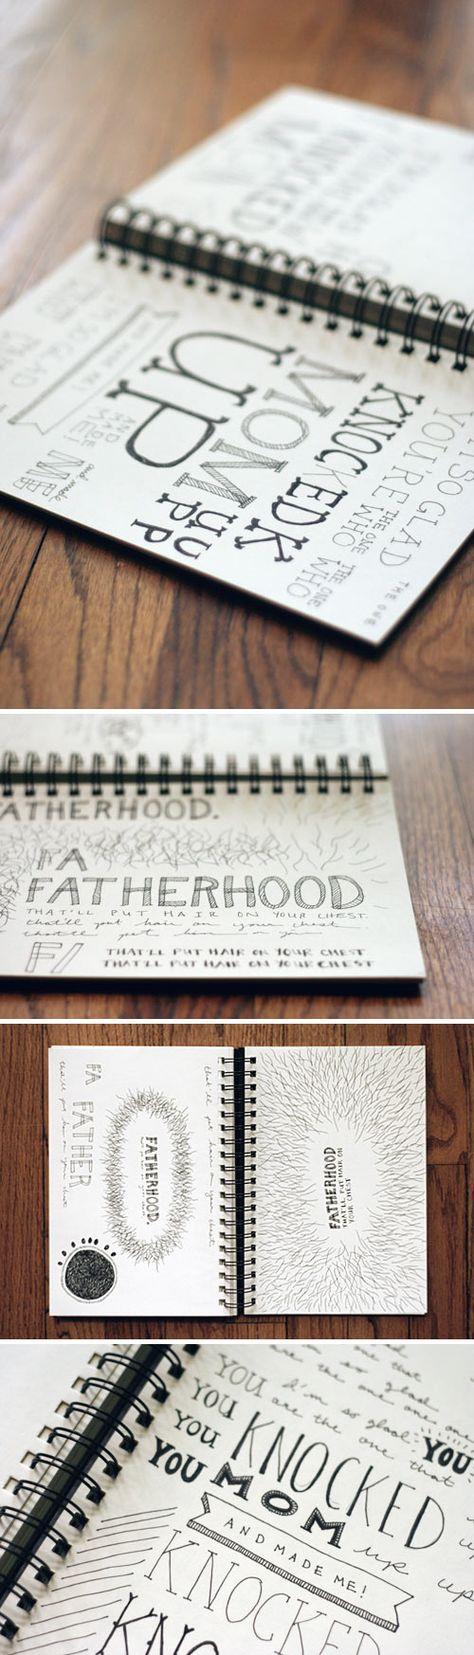 Todo diseño empieza en lápiz y papel…!